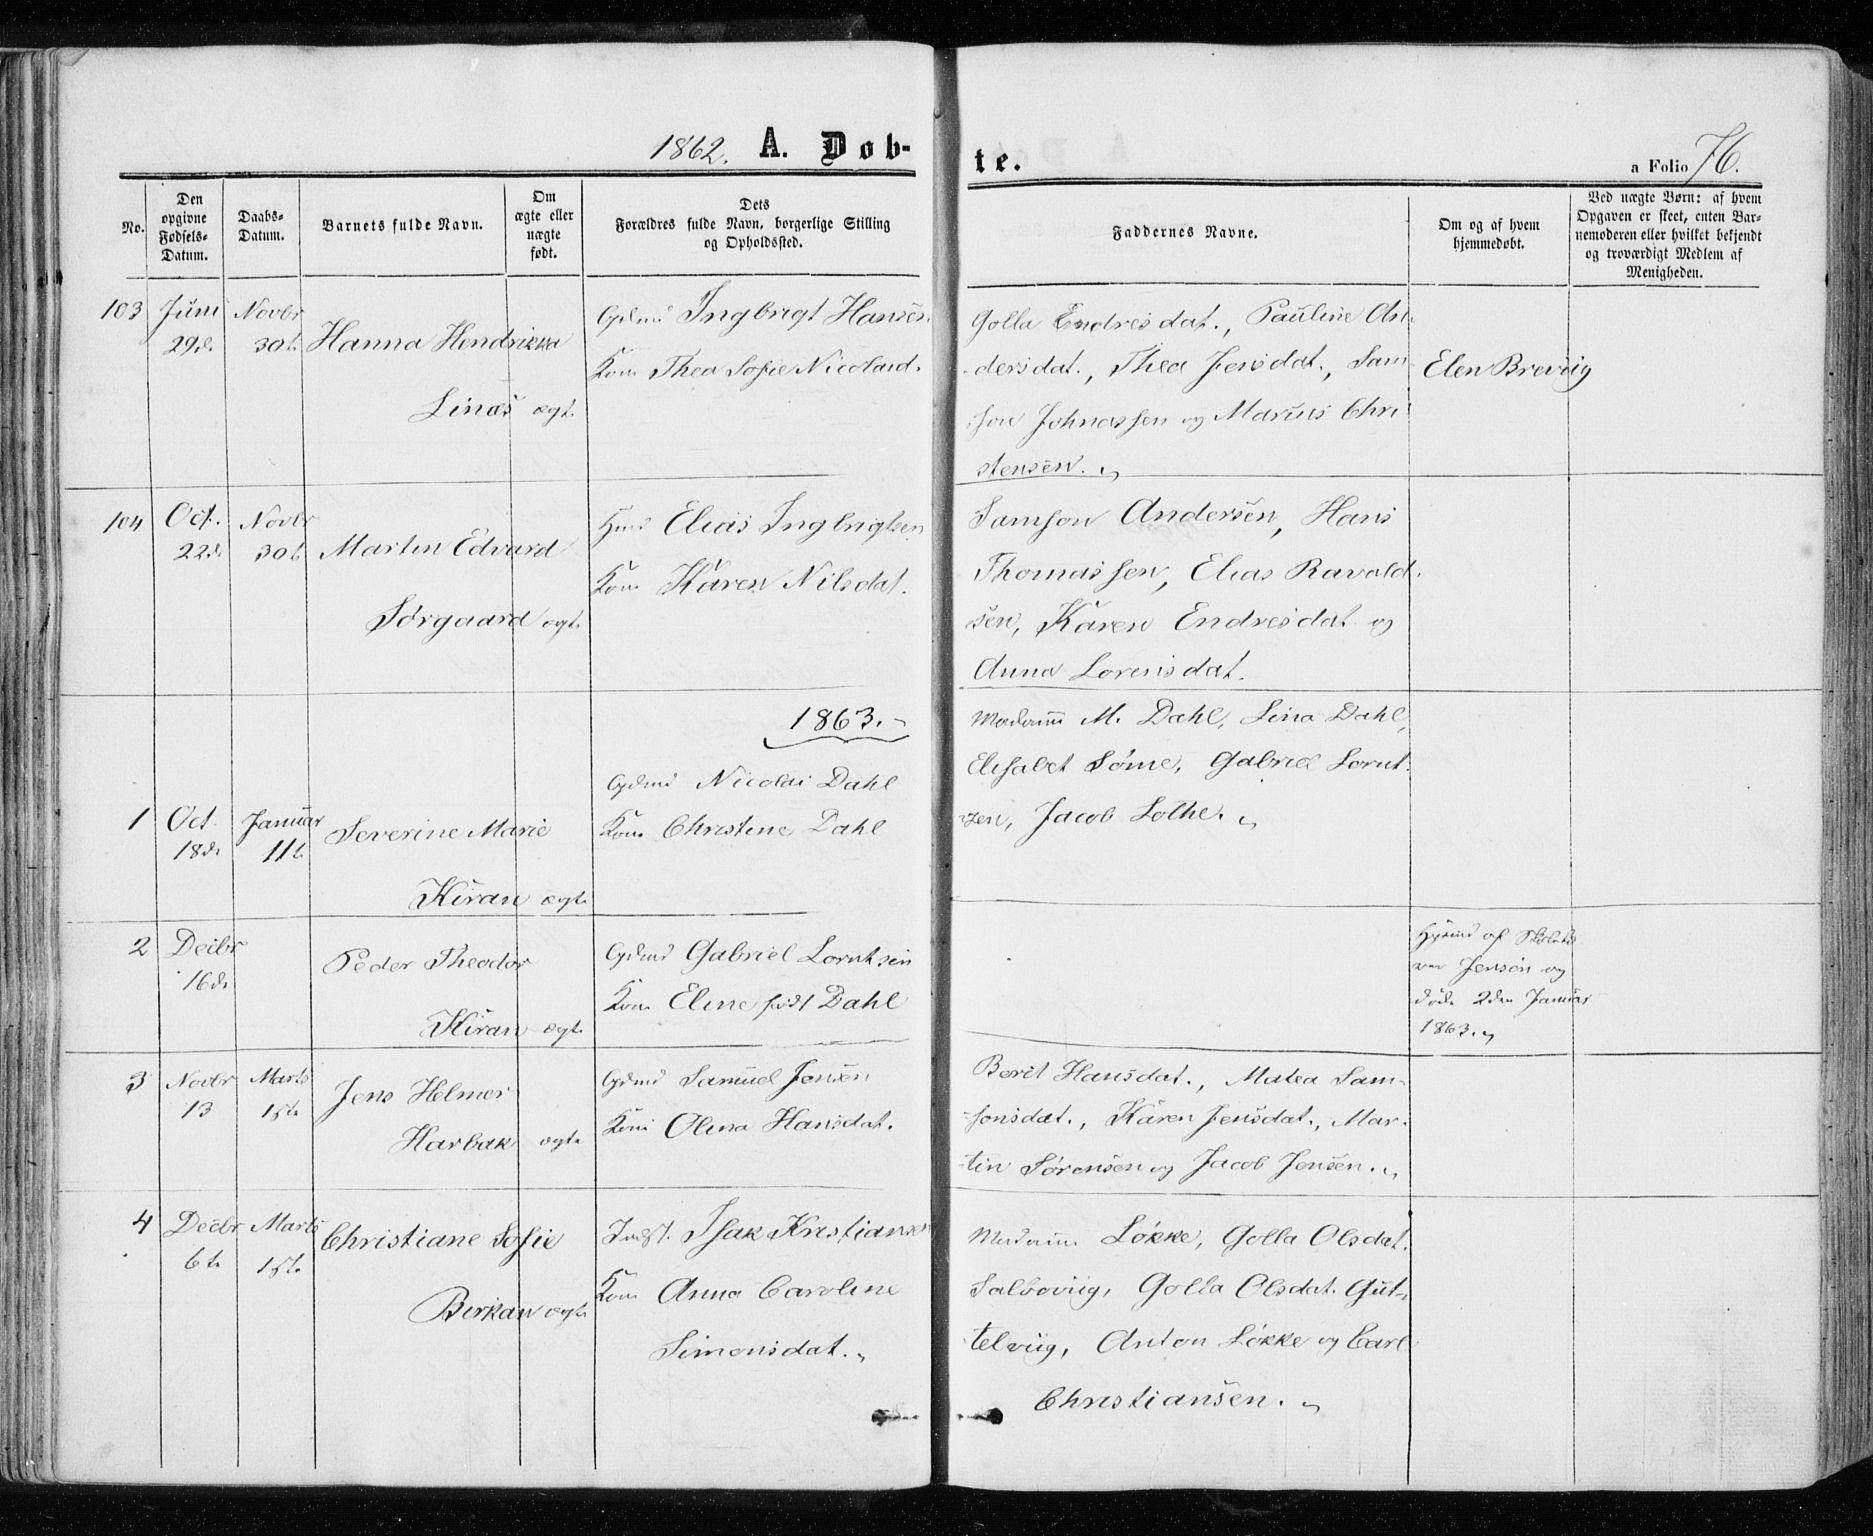 SAT, Ministerialprotokoller, klokkerbøker og fødselsregistre - Sør-Trøndelag, 657/L0705: Ministerialbok nr. 657A06, 1858-1867, s. 76